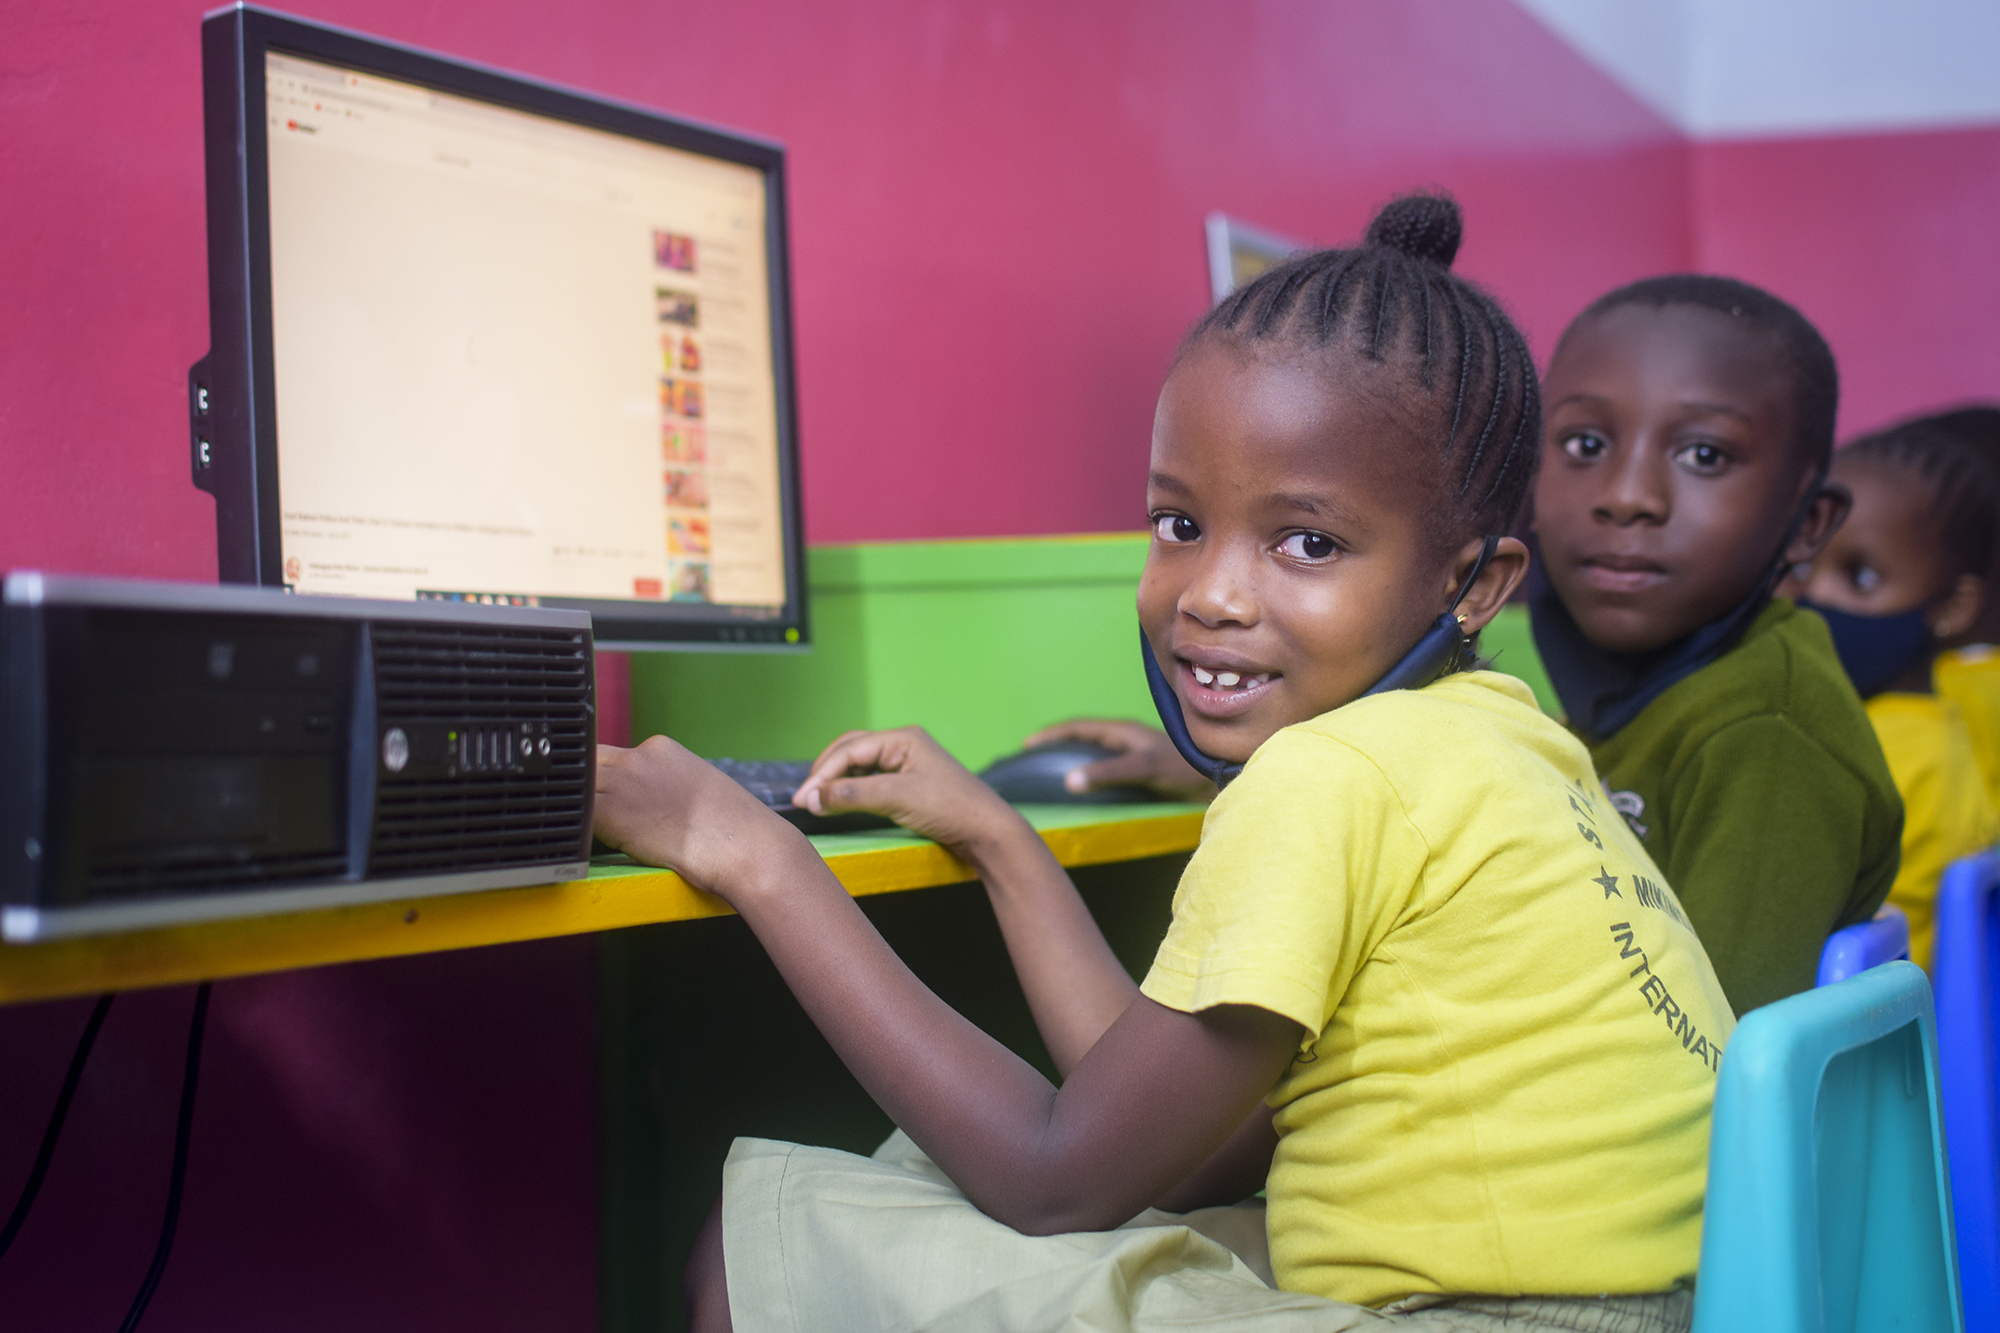 Clases de computación en Kenia